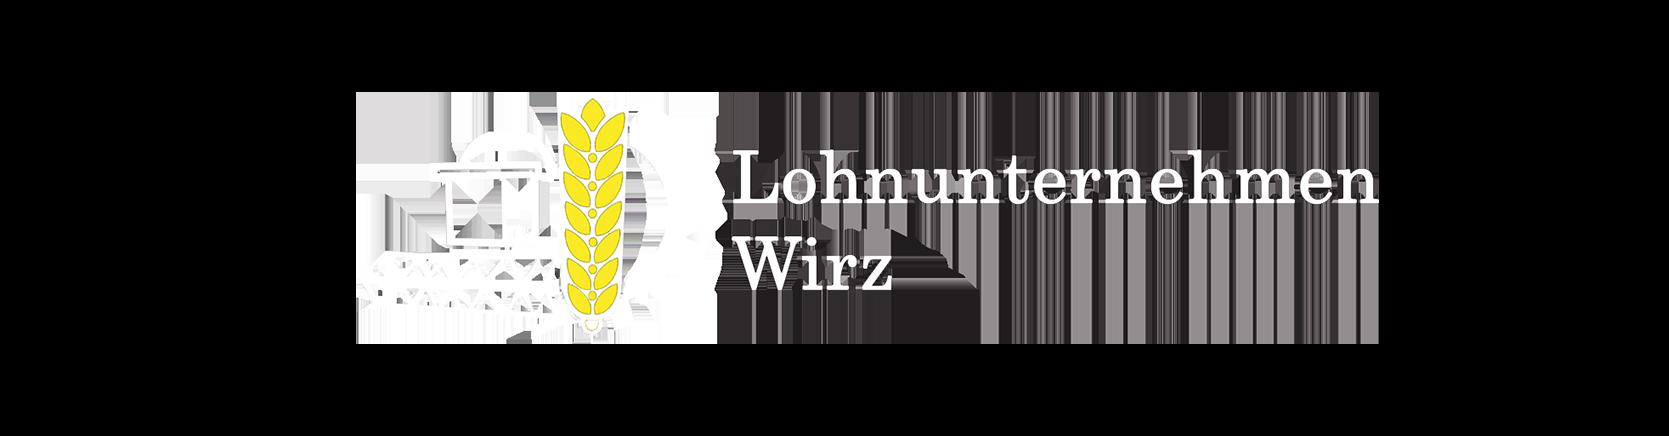 Jannik Wirz